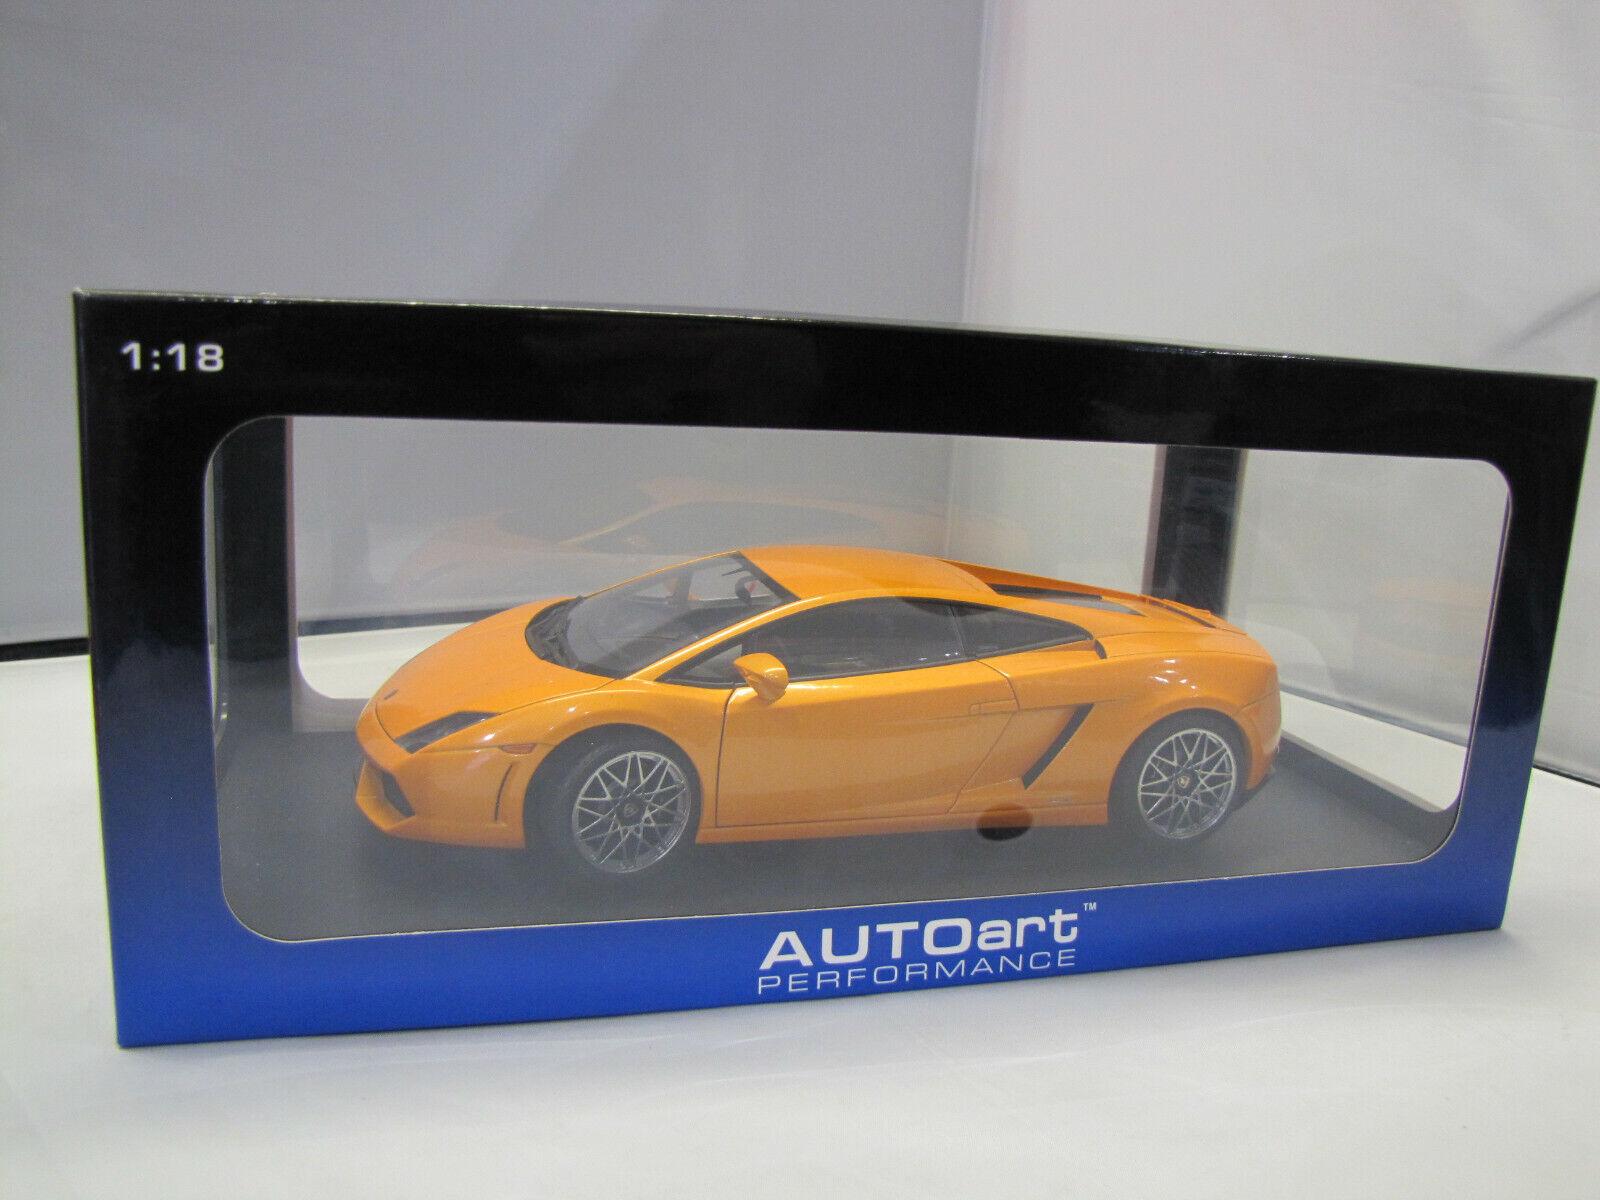 74593 AUTOart Lamborghini Gallardo LP560-4 - orange - 1 18